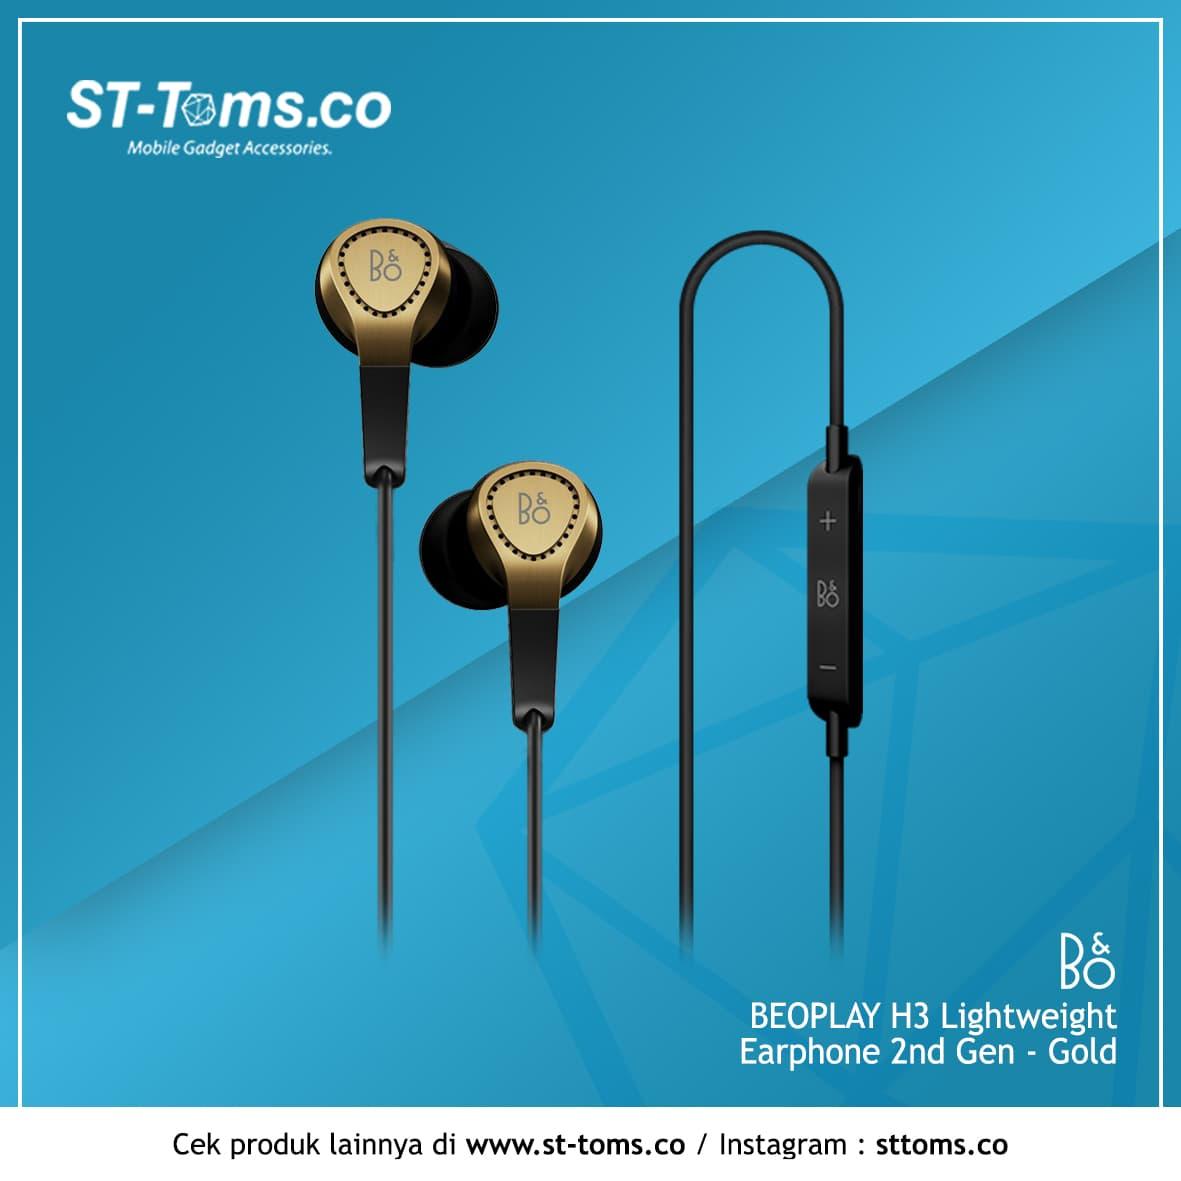 Jual Bang Olufsen Beoplay H3 Lightweight Earphone 2nd Gen Gold Ampamp Black St Toms Store Tokopedia